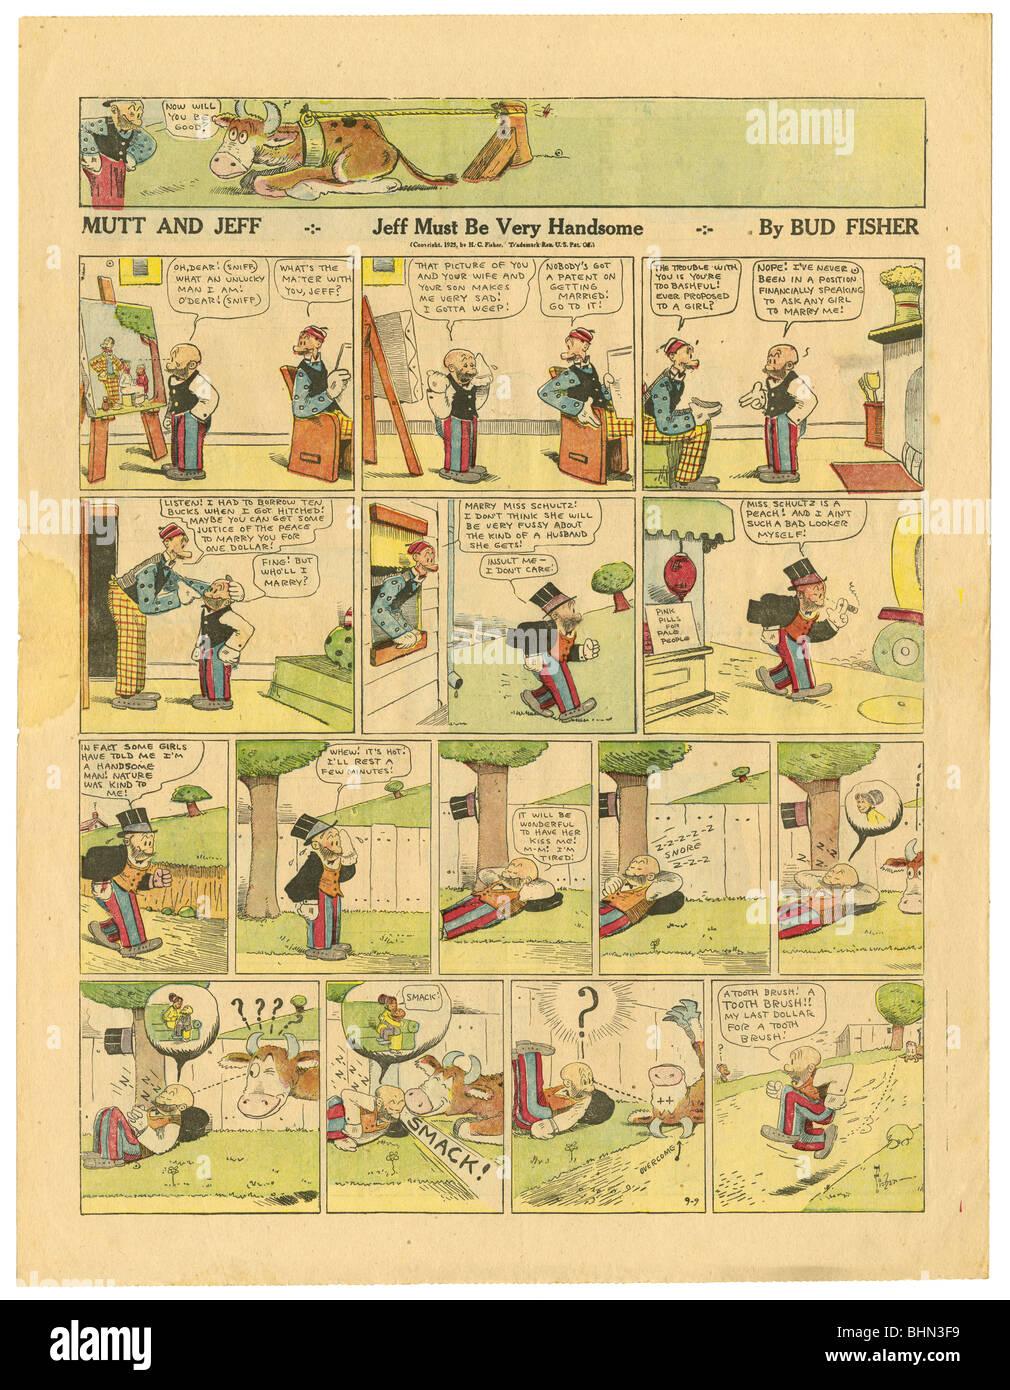 1923 Farbe Sonntag Zeitung comic-Seite, Mutt und Jeff von Bud Fisher. Stockbild